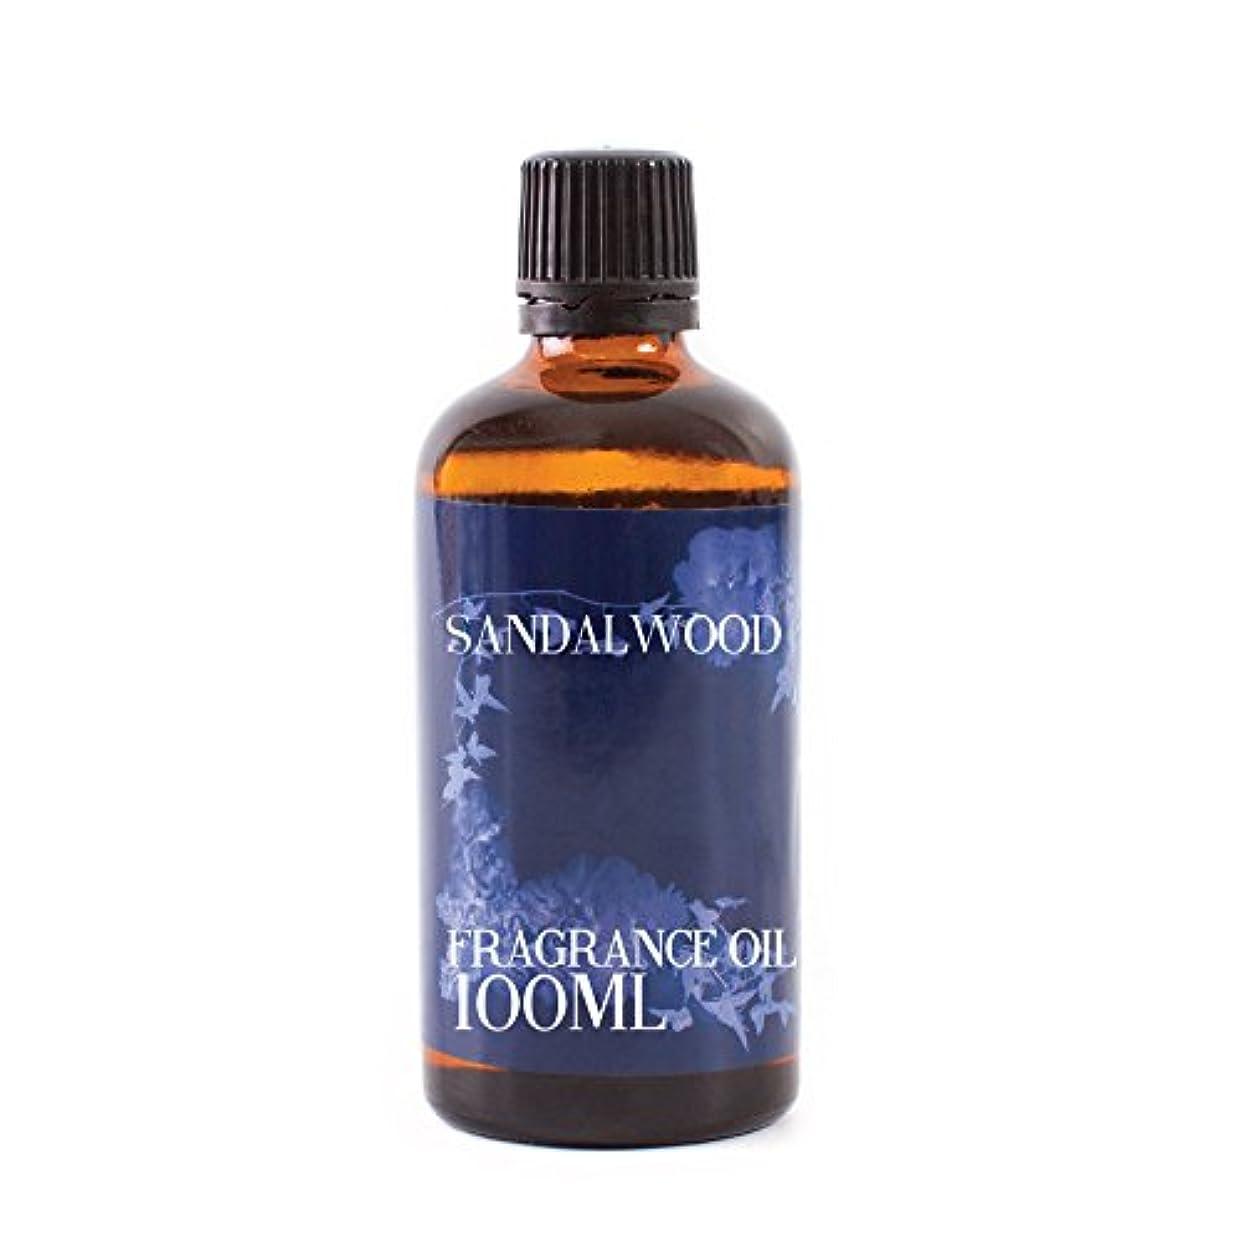 容量先見の明メーカーMystic Moments | Sandalwood Fragrance Oil - 100ml